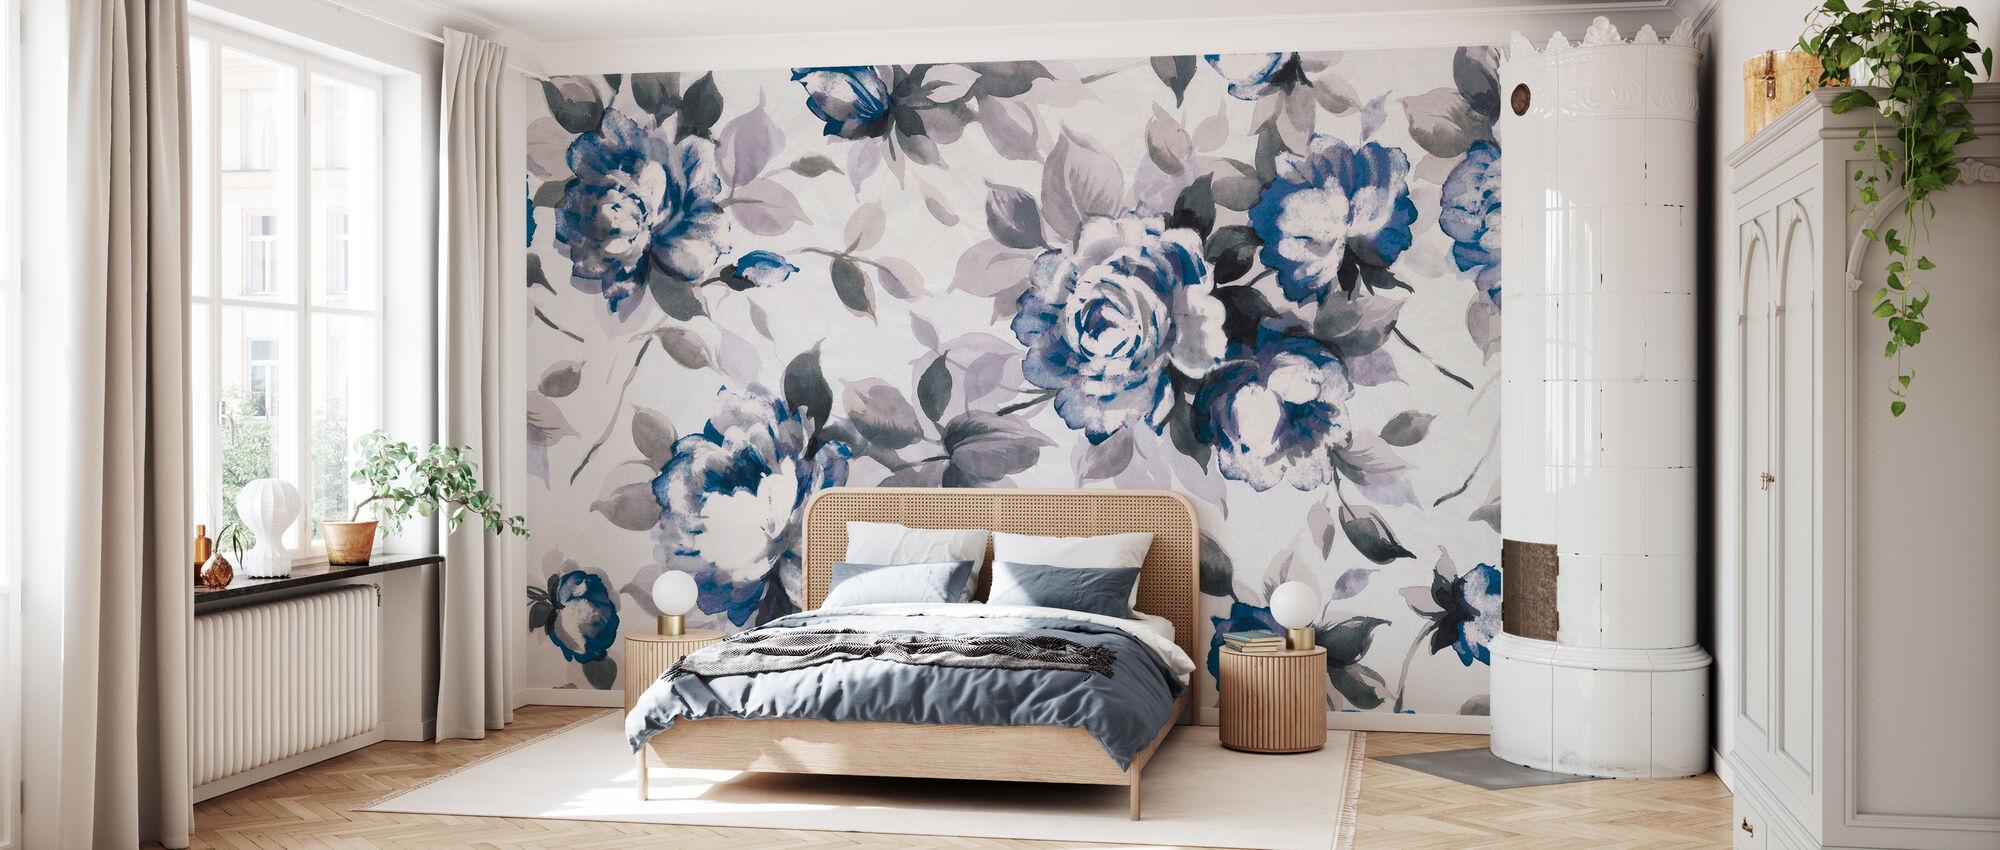 Scent of Roses Indigo - Wallpaper - Bedroom